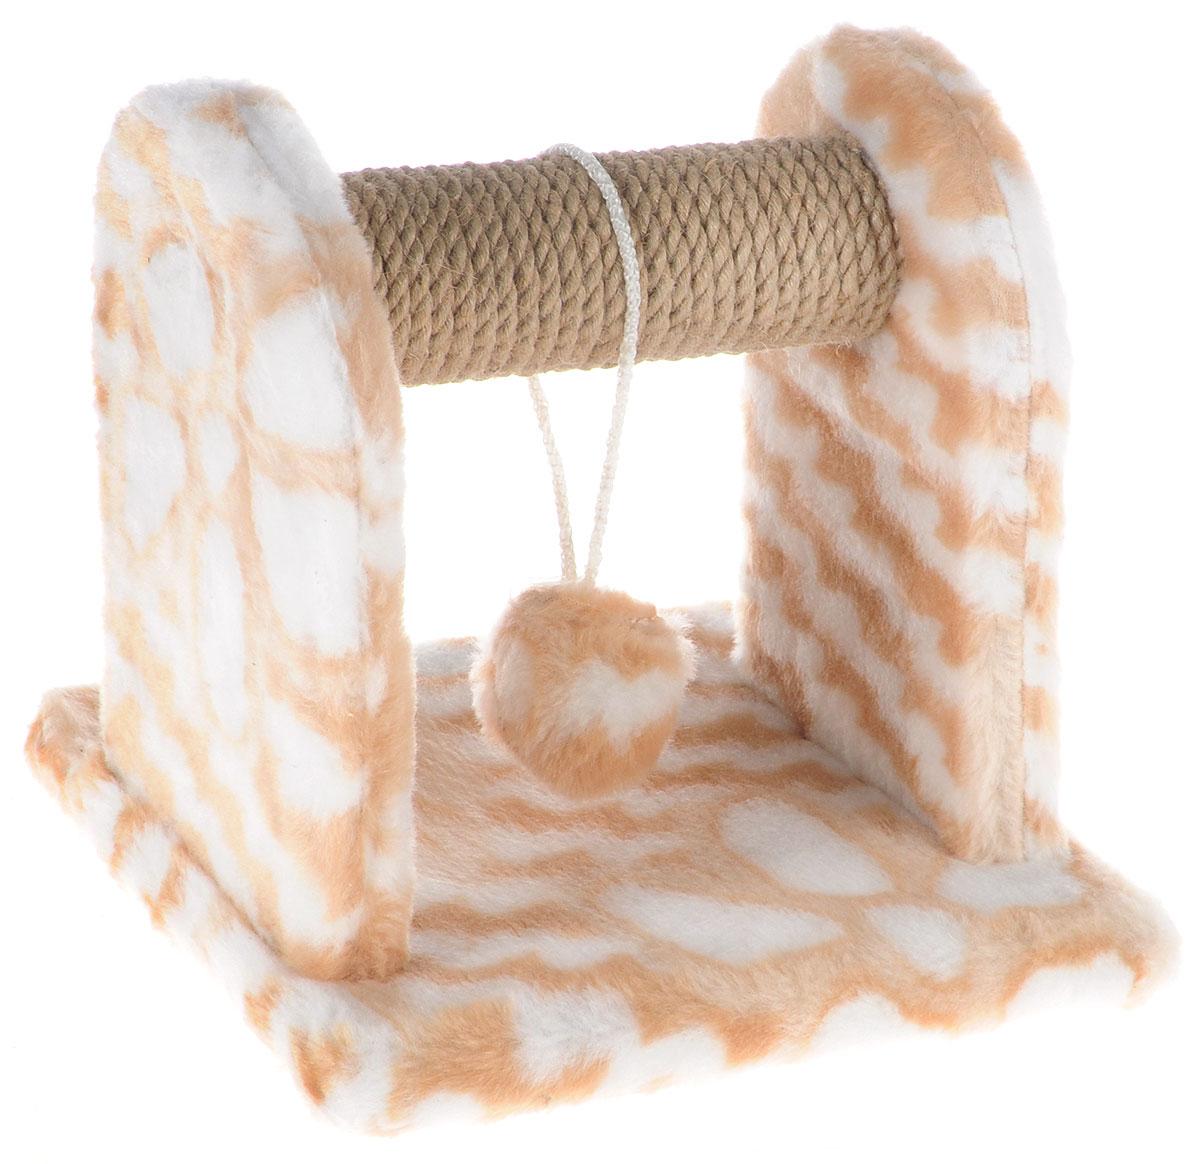 Когтеточка для котят Меридиан, с игрушкой, цвет: белый, бежевый, 26 х 26 х 26 смК701ЦвКогтеточка Меридиан предназначена для стачивания когтей вашего котенка и предотвращения их врастания. Она выполнена из ДВП, ДСП и обтянута искусственным мехом. Точатся когти о накладку из джута. Когтеточка оснащена подвесной игрушкой, привлекающей внимание котенка.Когтеточка позволяет сохранить неповрежденными мебель и другие предметы интерьера.